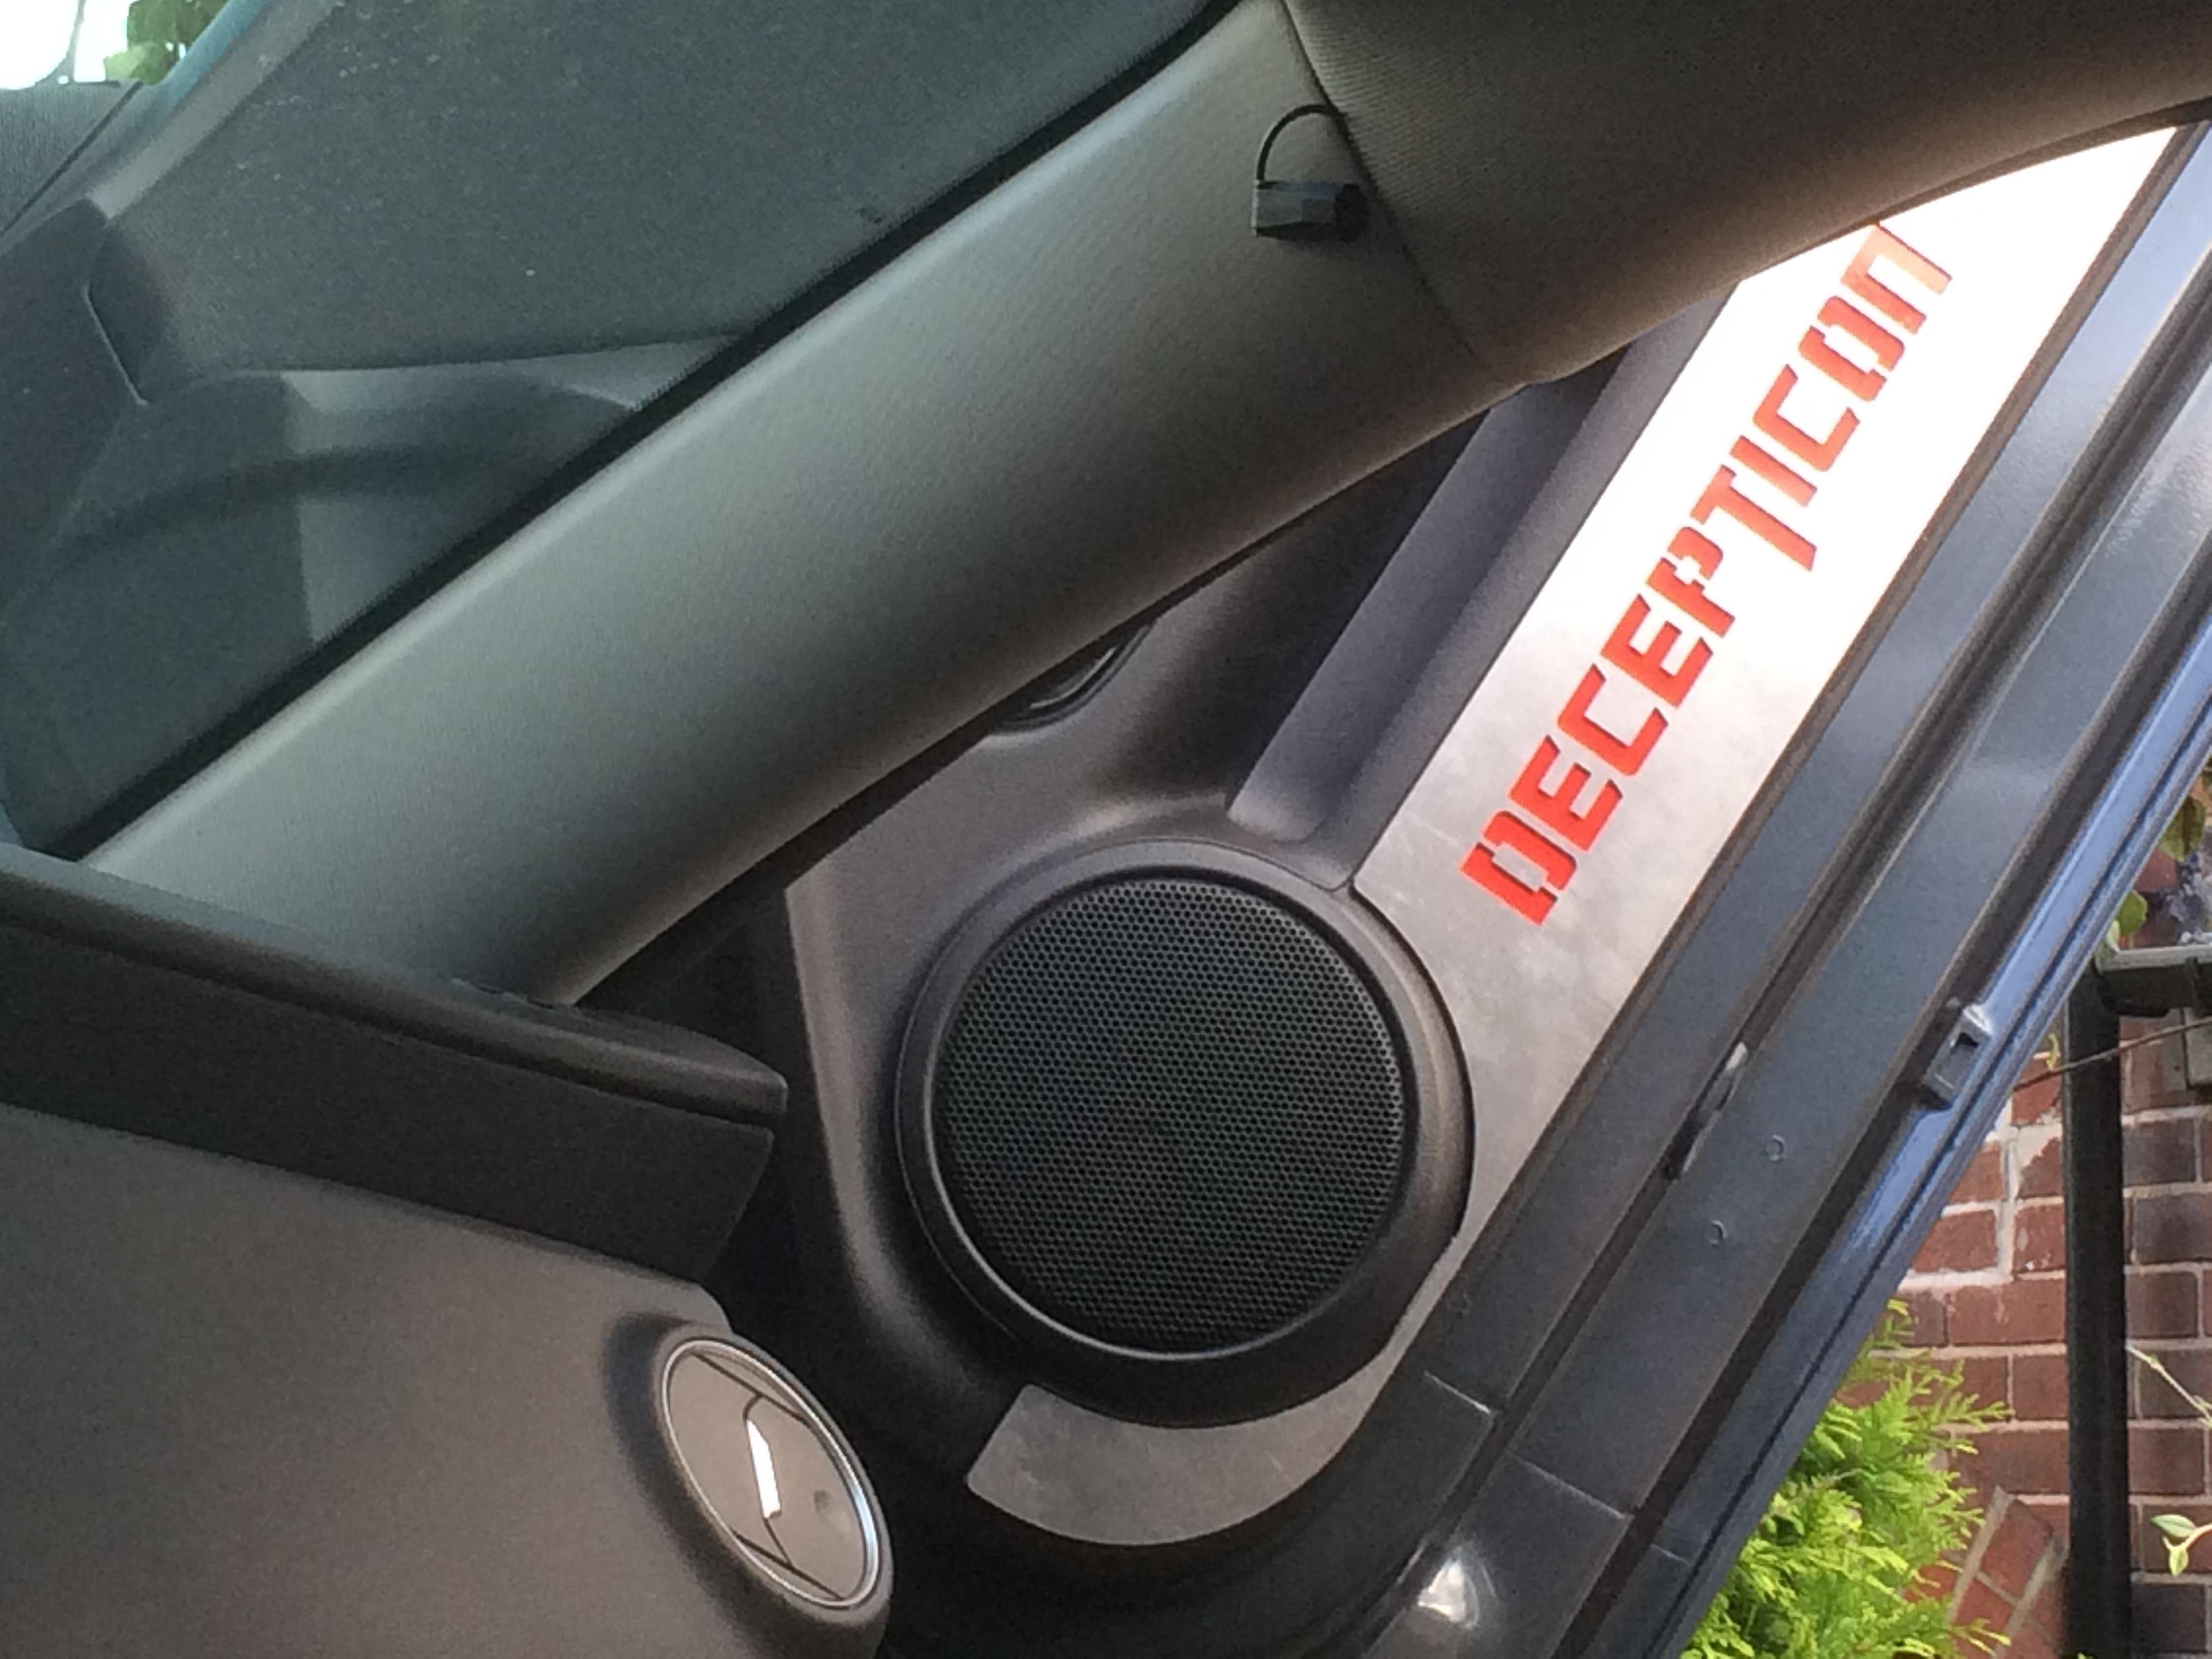 CAMARO Door Kick Plates & Chevrolet Camaro 5th Gen Door Kick Plates   IDM Imagineering